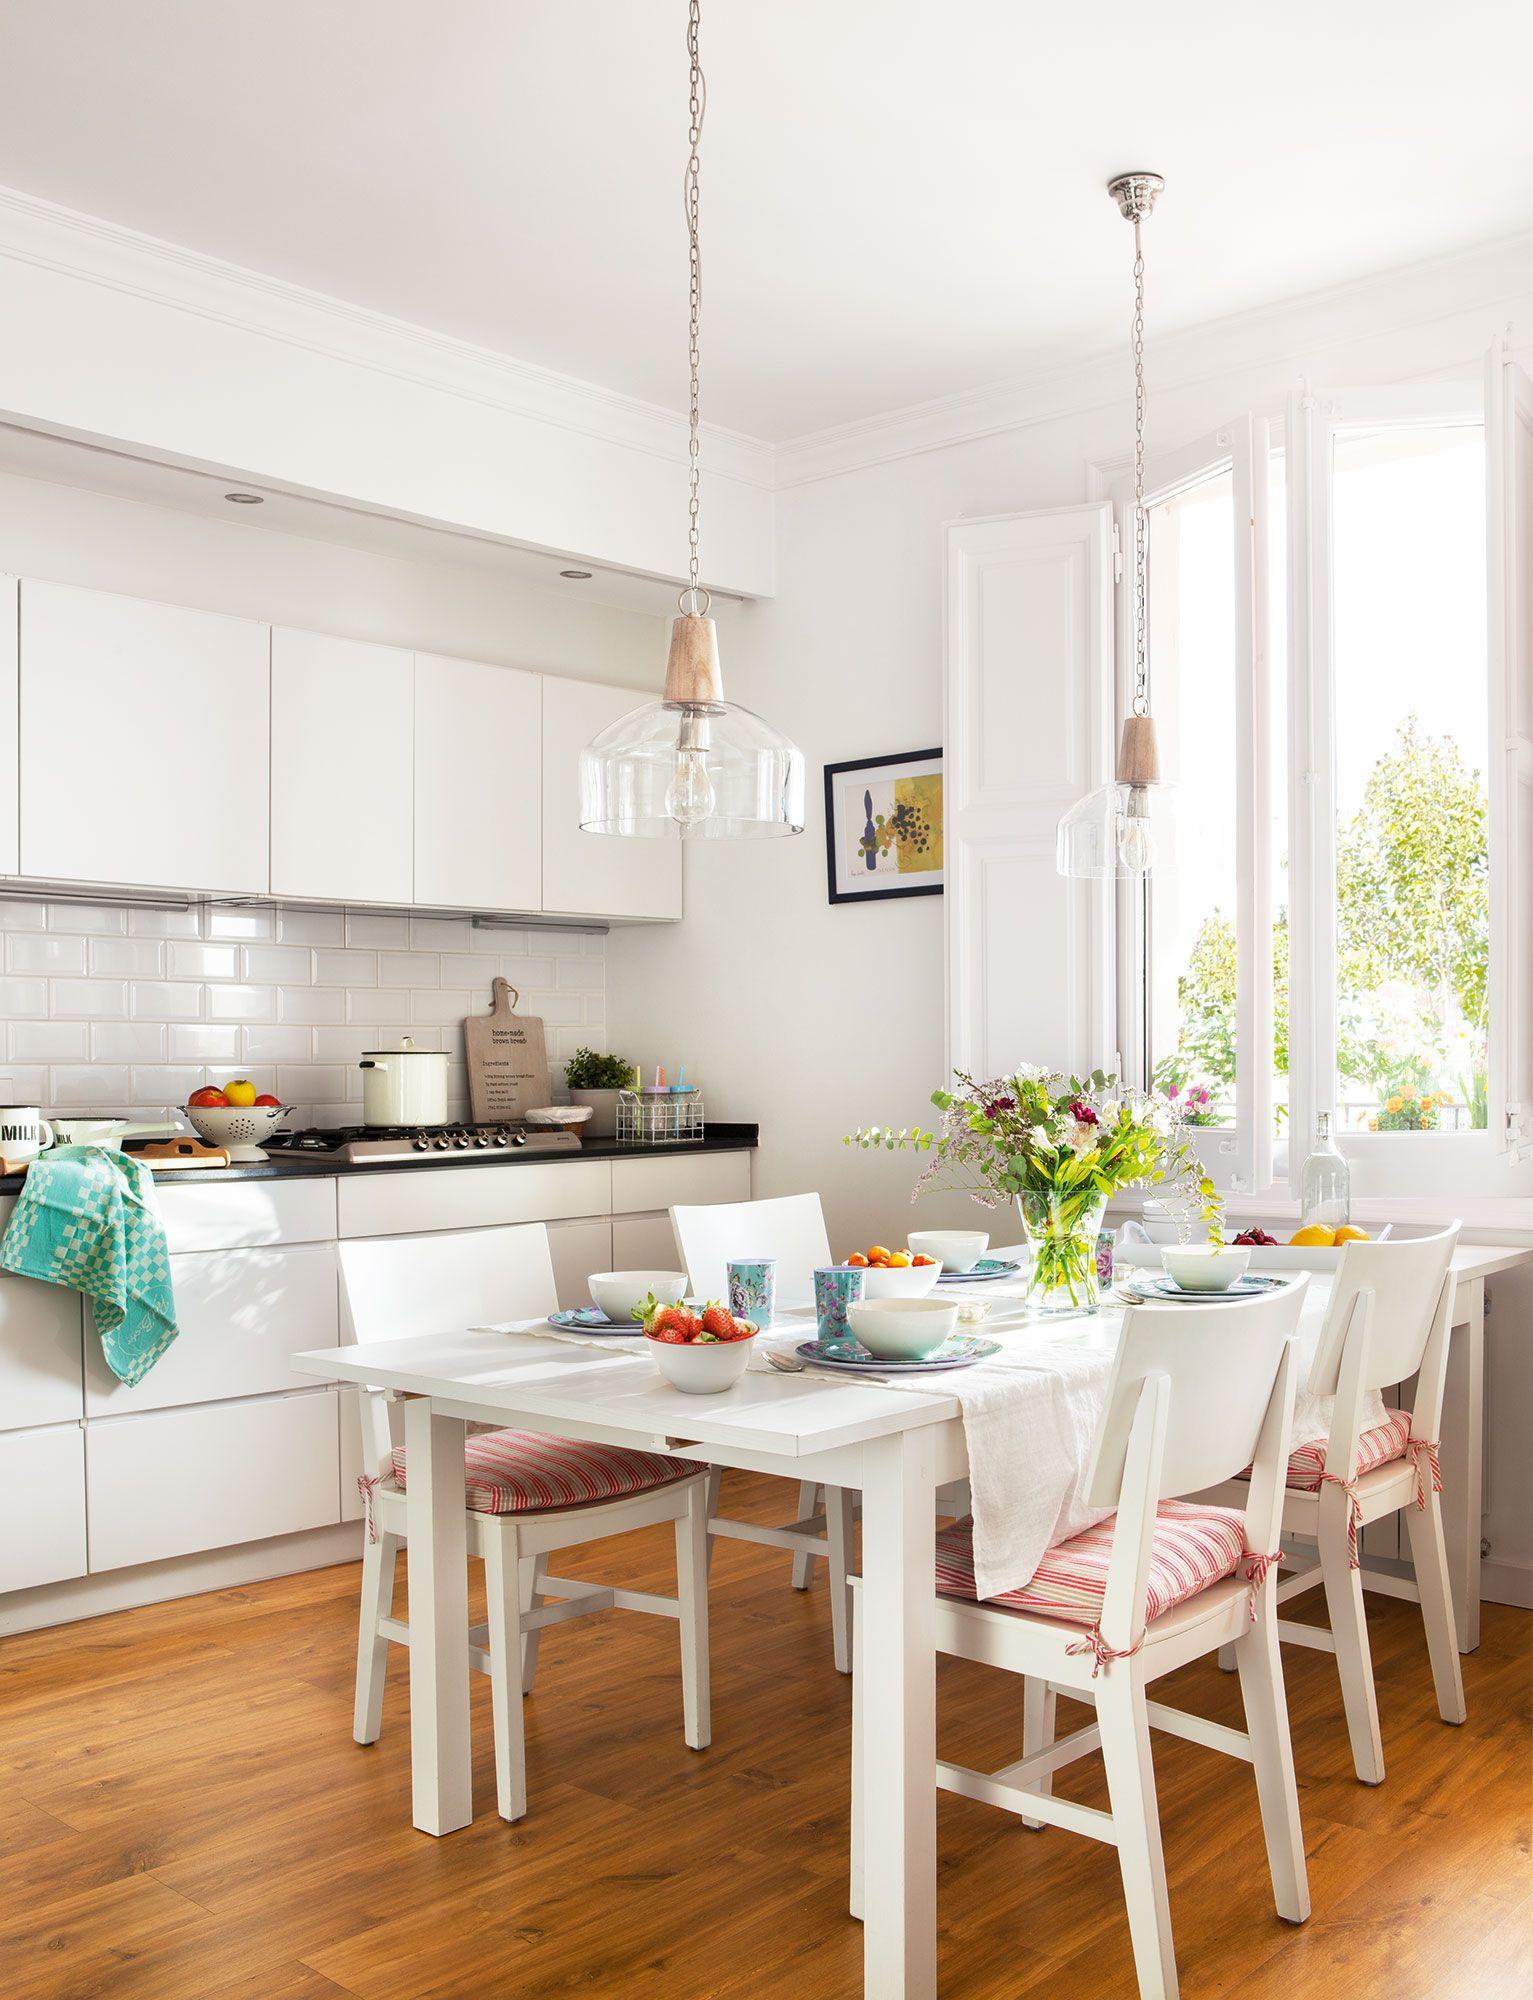 mesa cocina cocinas modernas ideas hogar comedor despensas interiores casa paredes blancas muebles decoracion